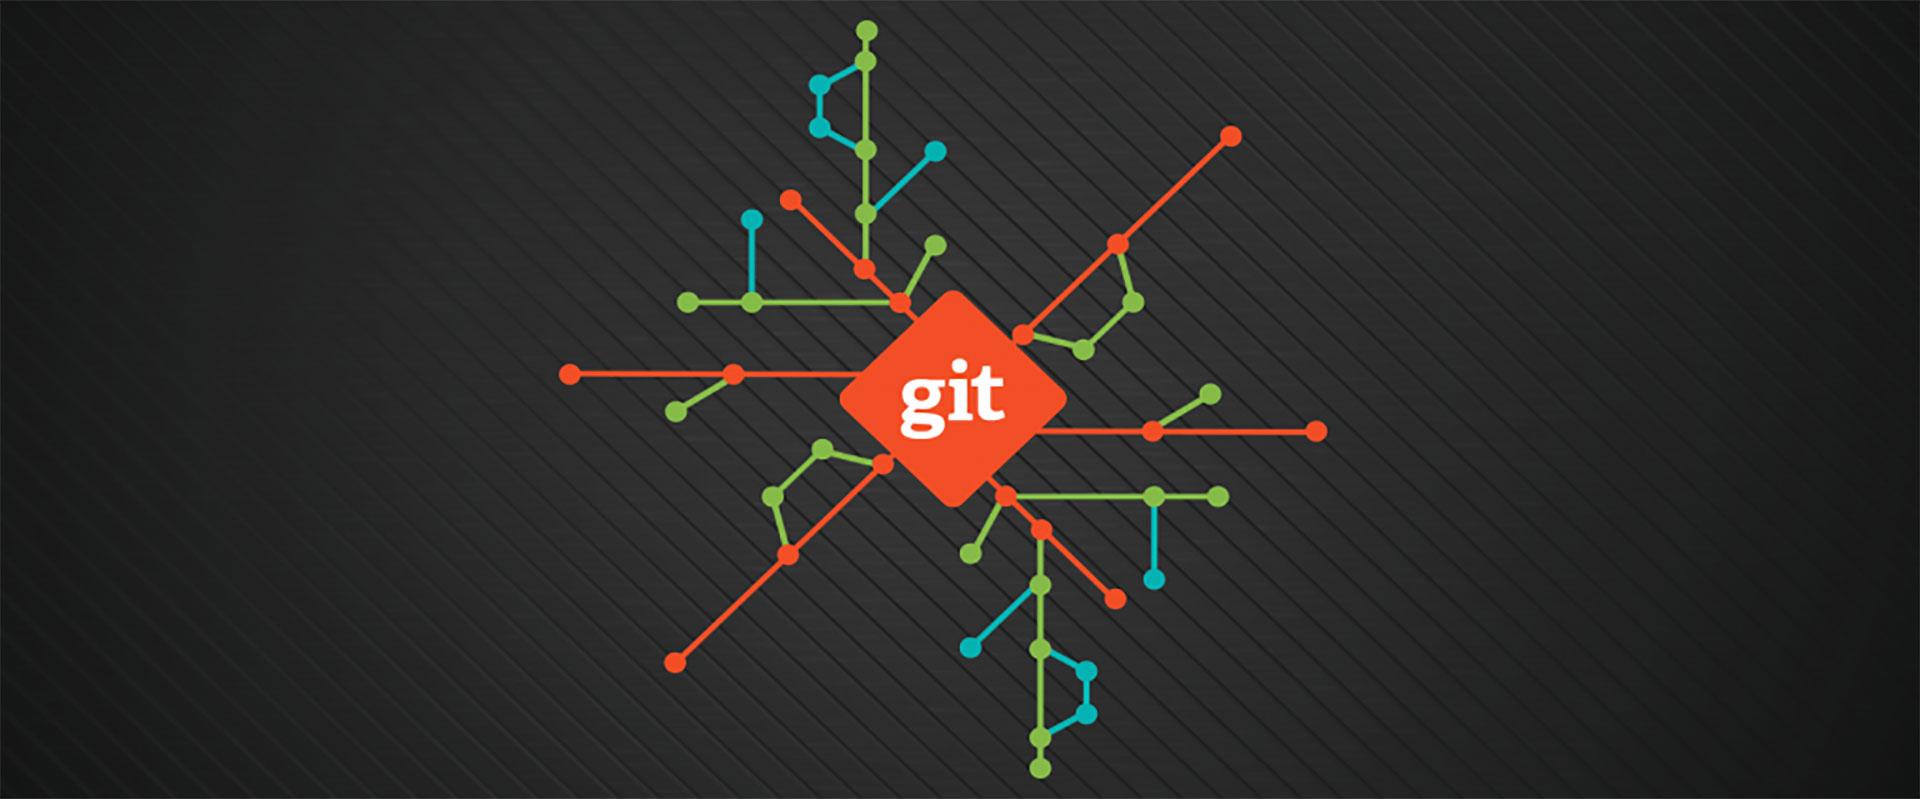 7 comandos de Git que podrían salvar su carrera de desarrollador.